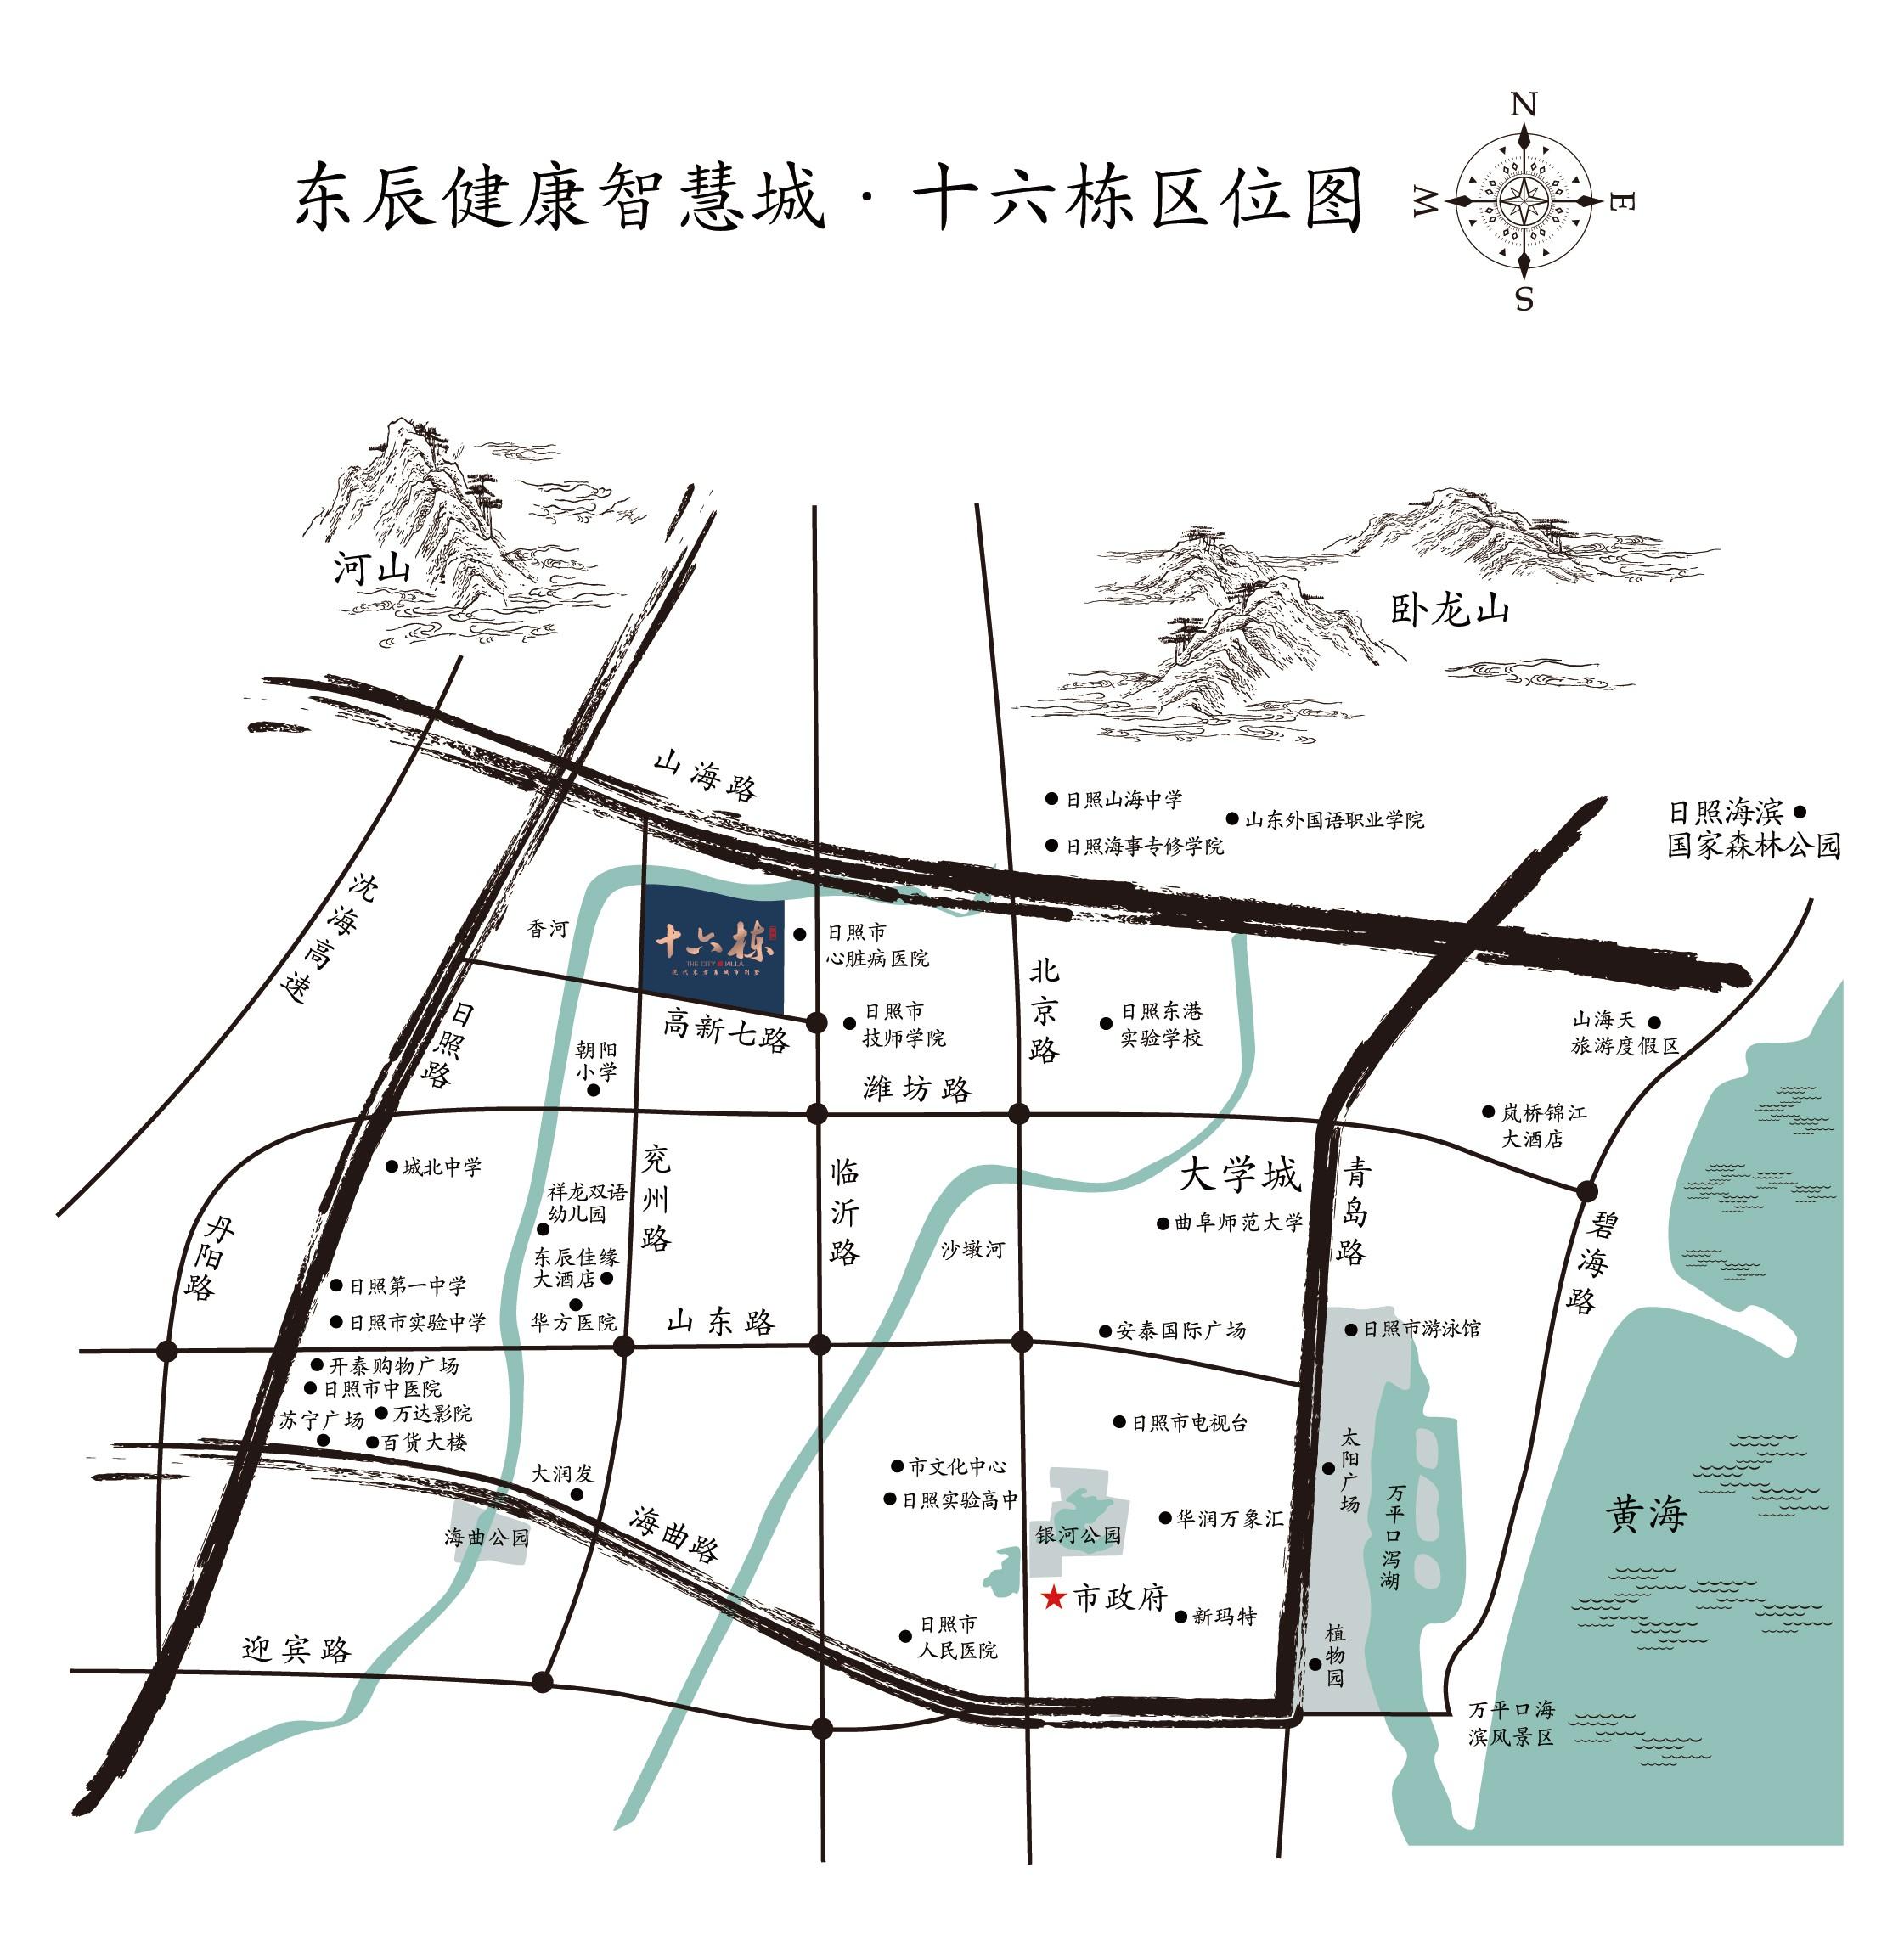 东辰健康智慧城位置图